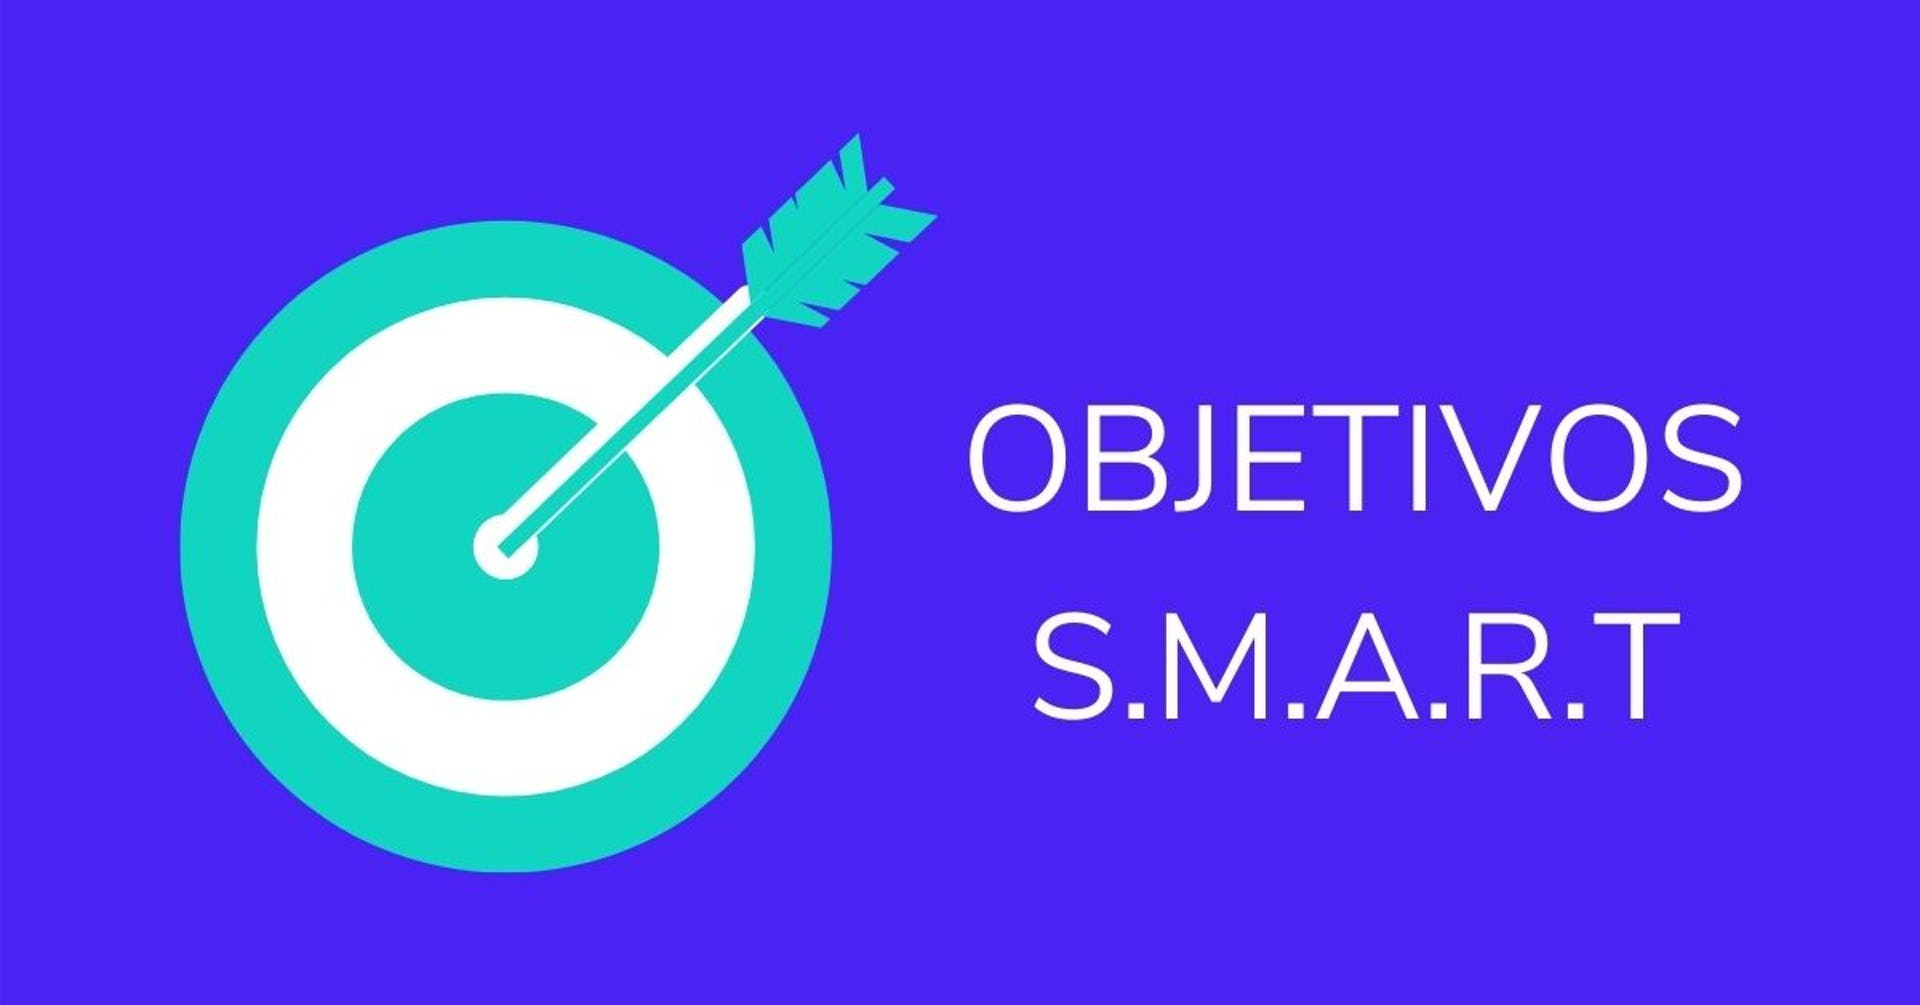 ¡Logra tus metas con los objetivos SMART!